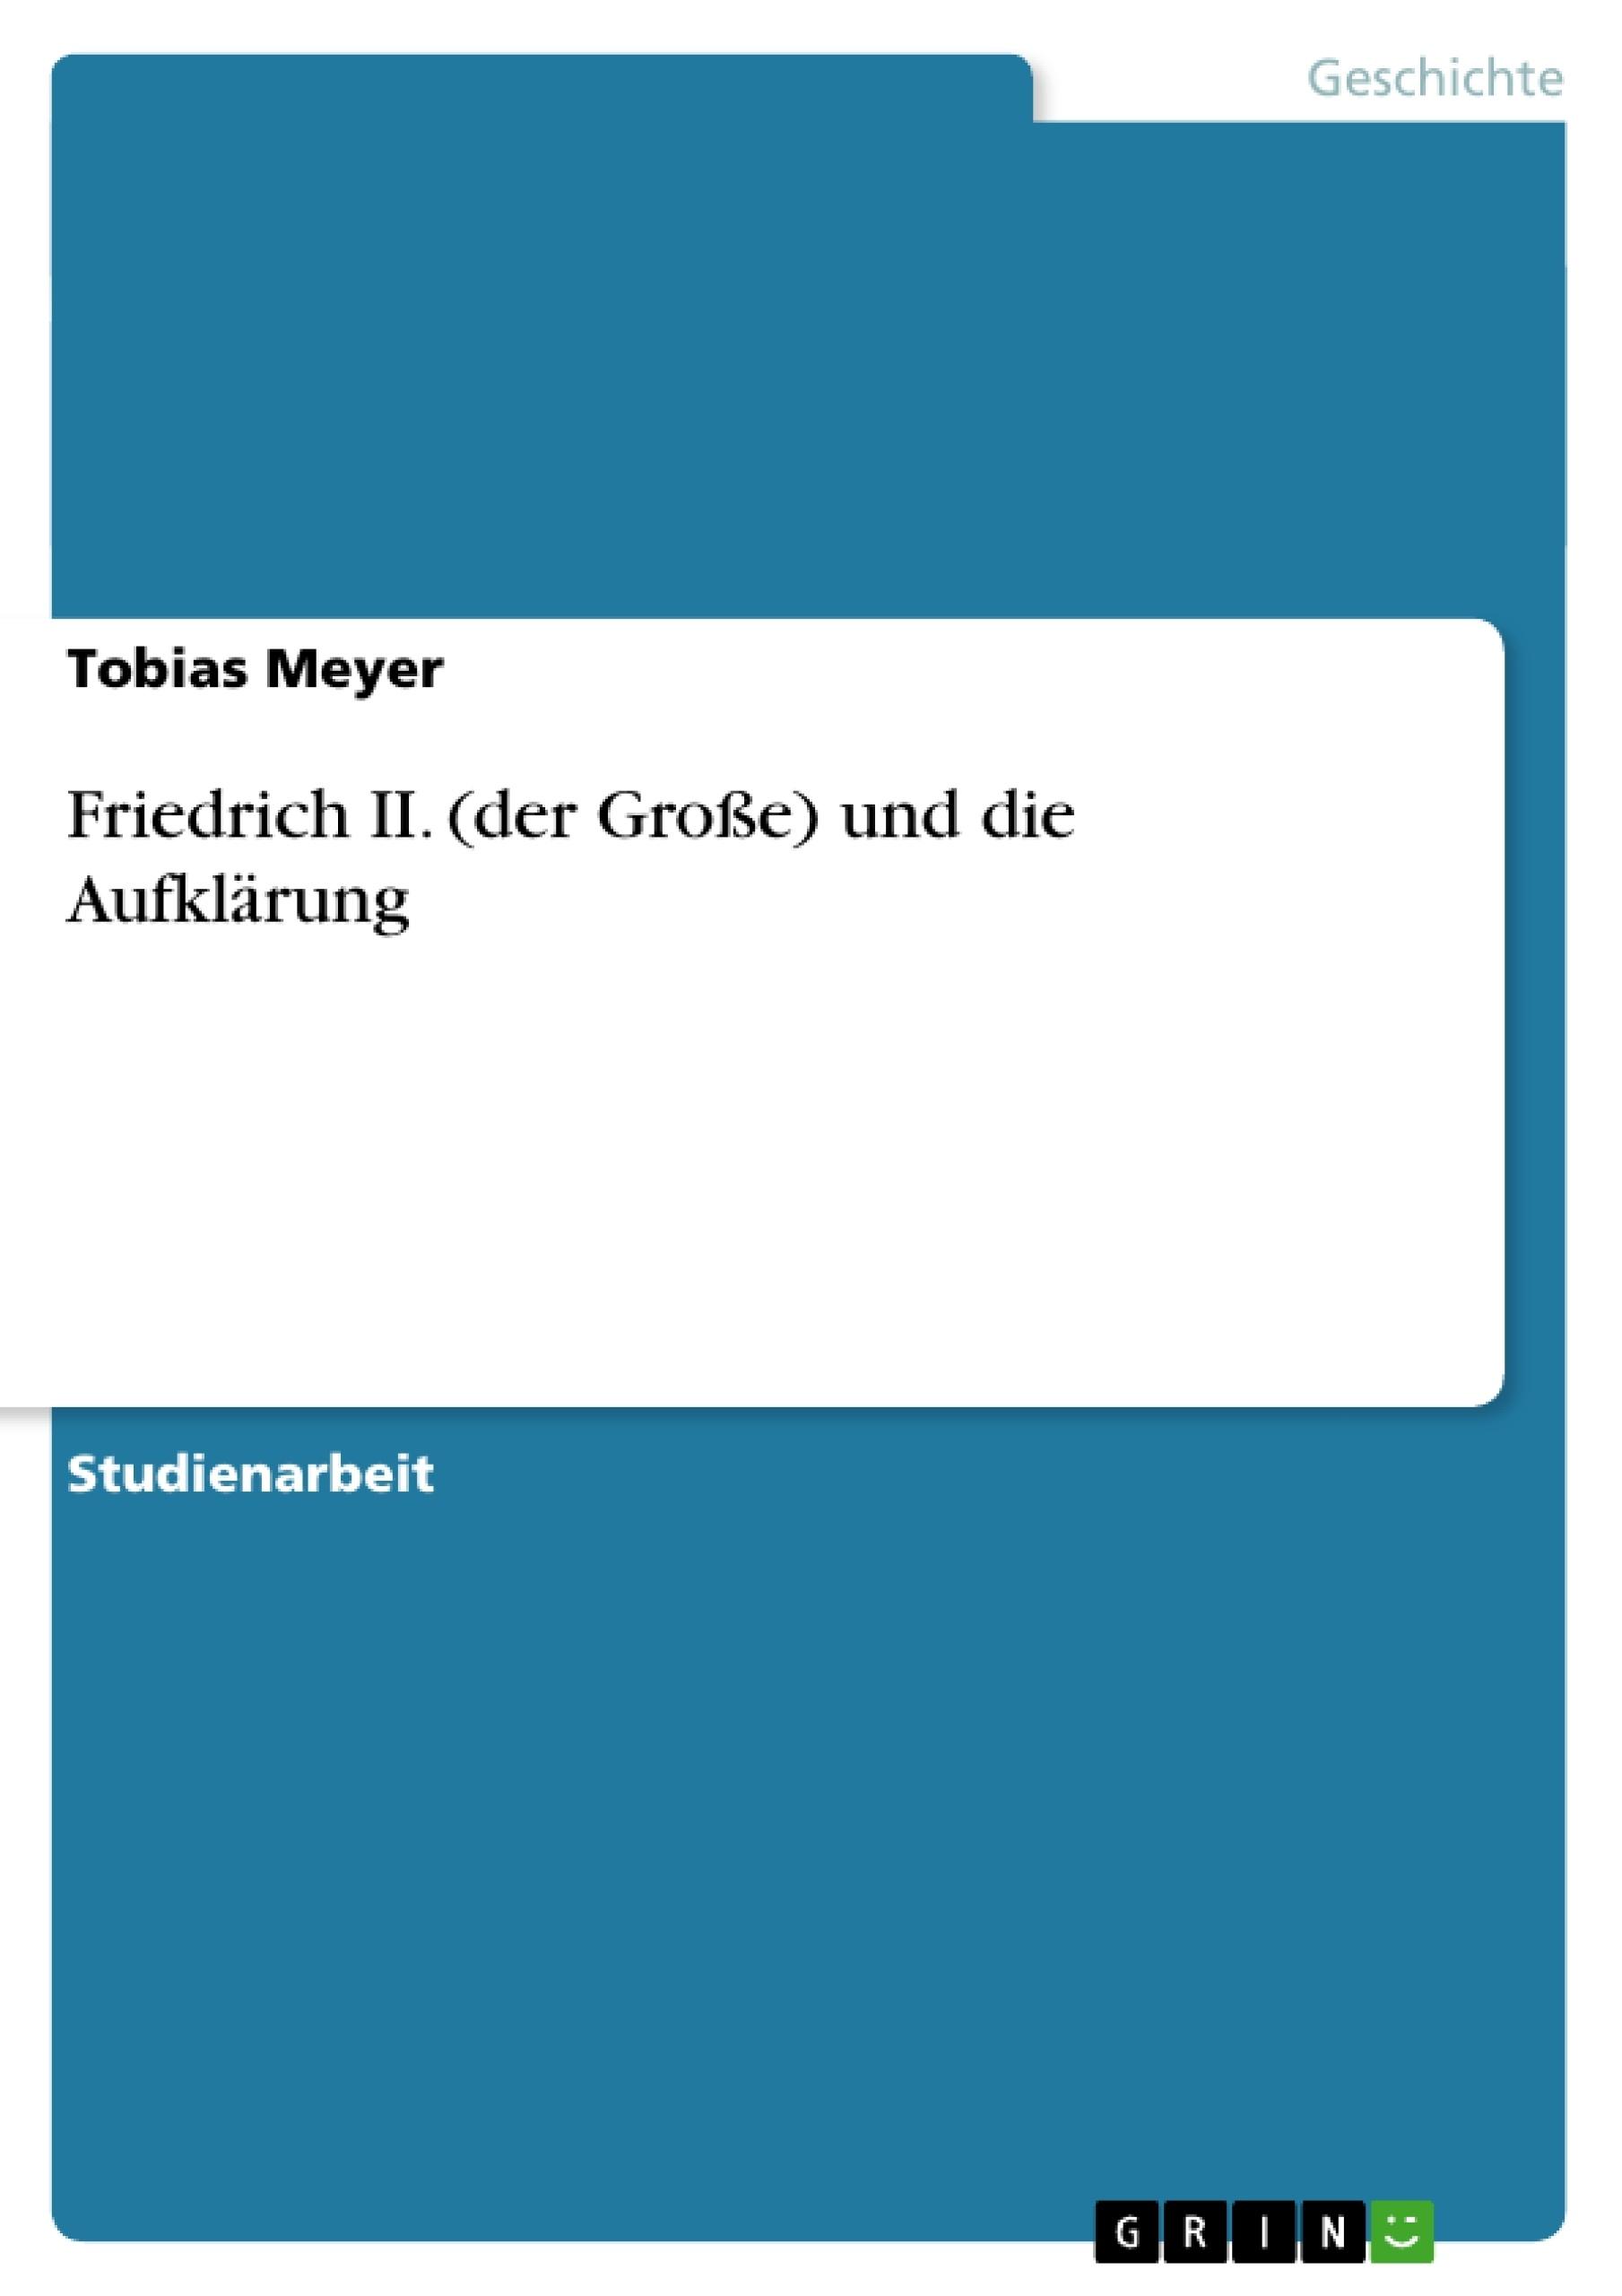 Titel: Friedrich II. (der Große) und die Aufklärung